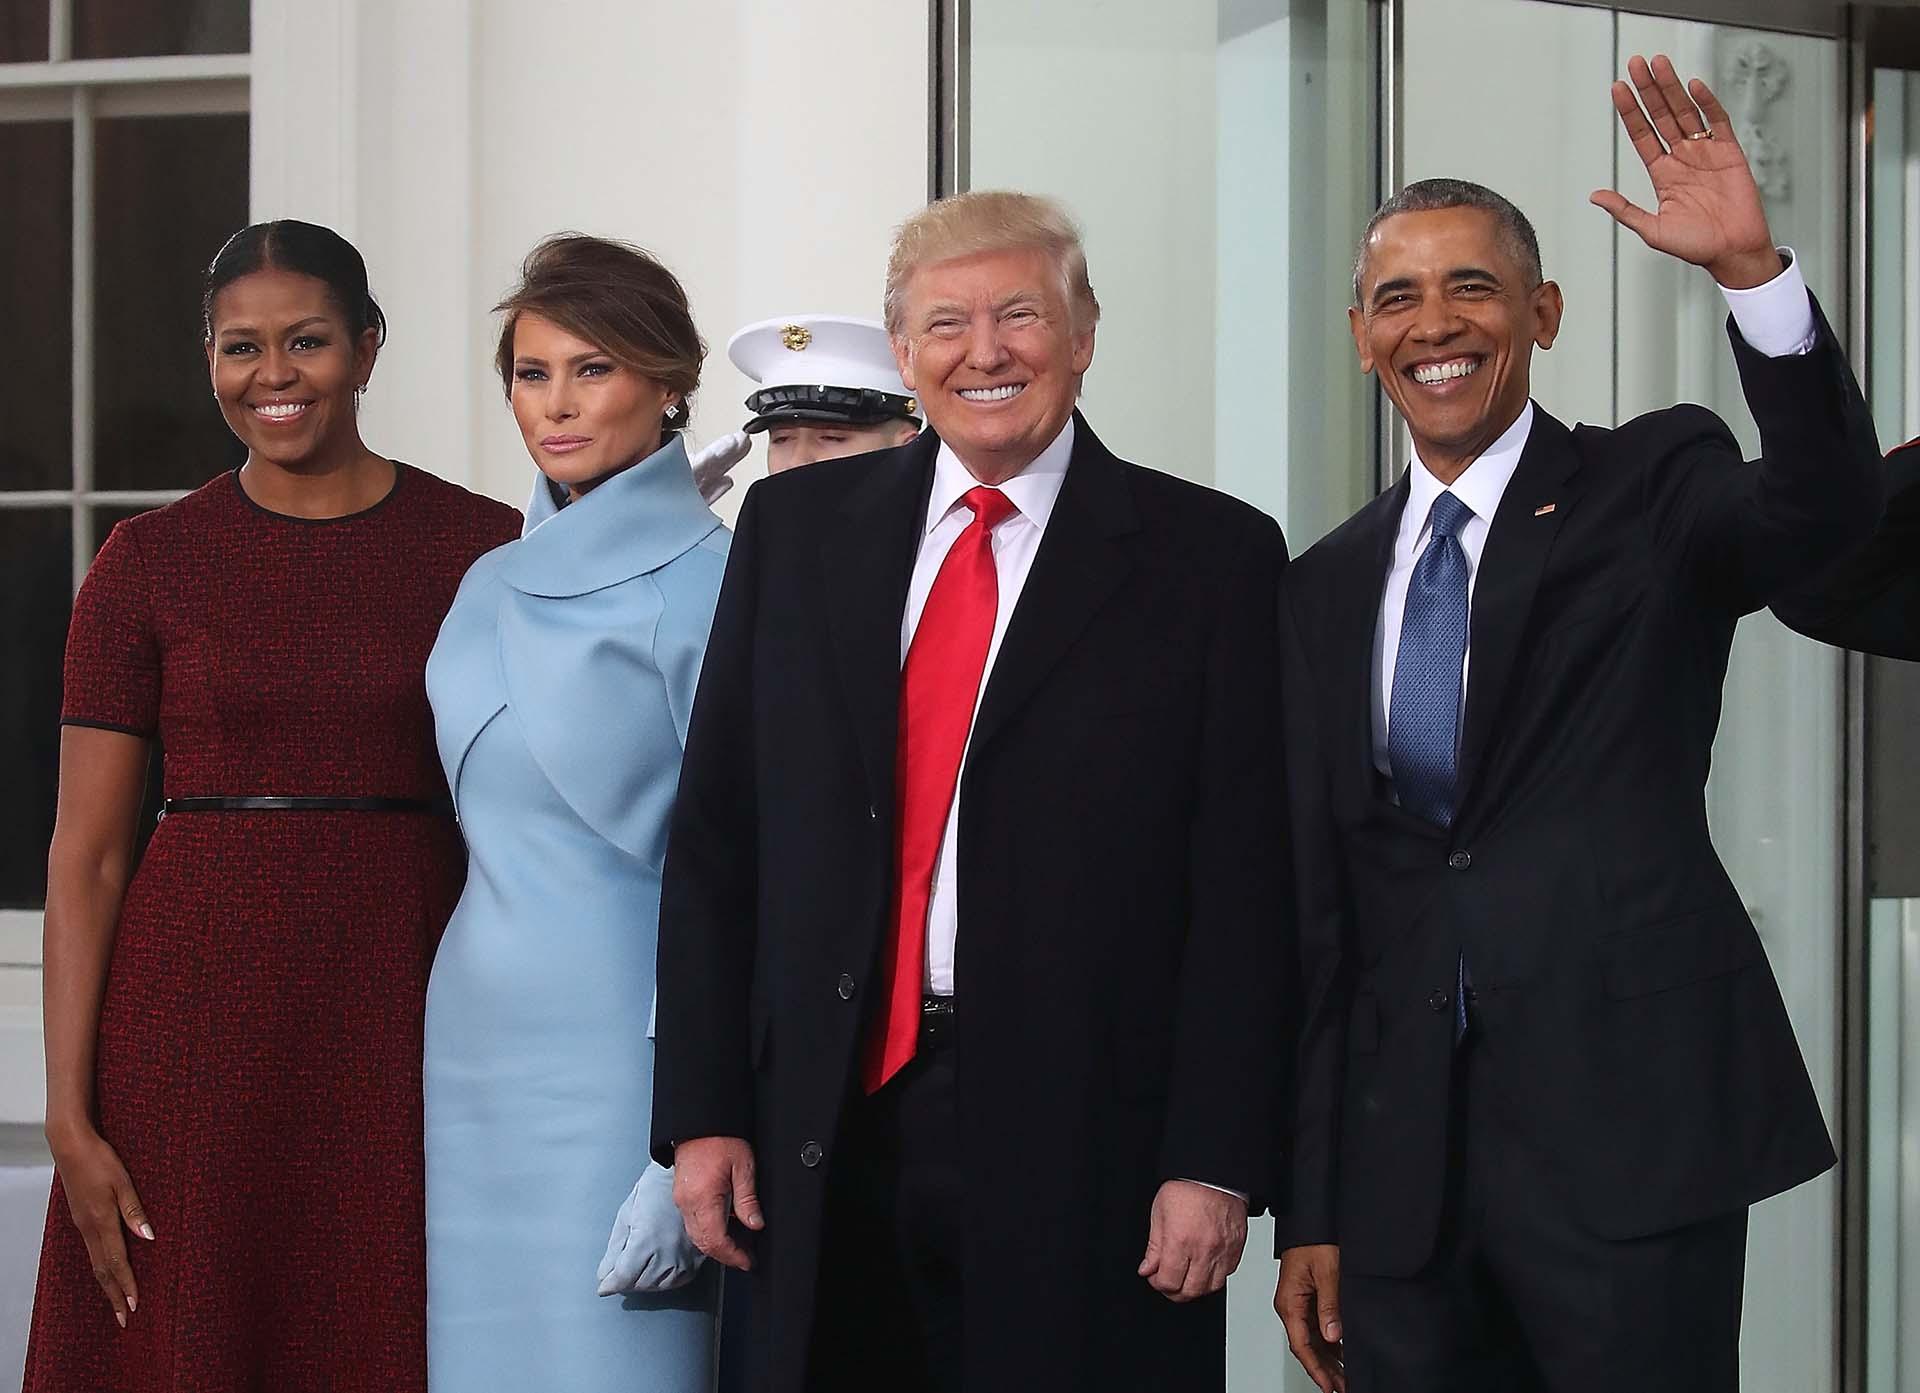 10/1/2017 Donald Trump y su esposa arriban a la Casa Blanca y son recibidos por el presidente saleinte, Barack Obama y su esposa.